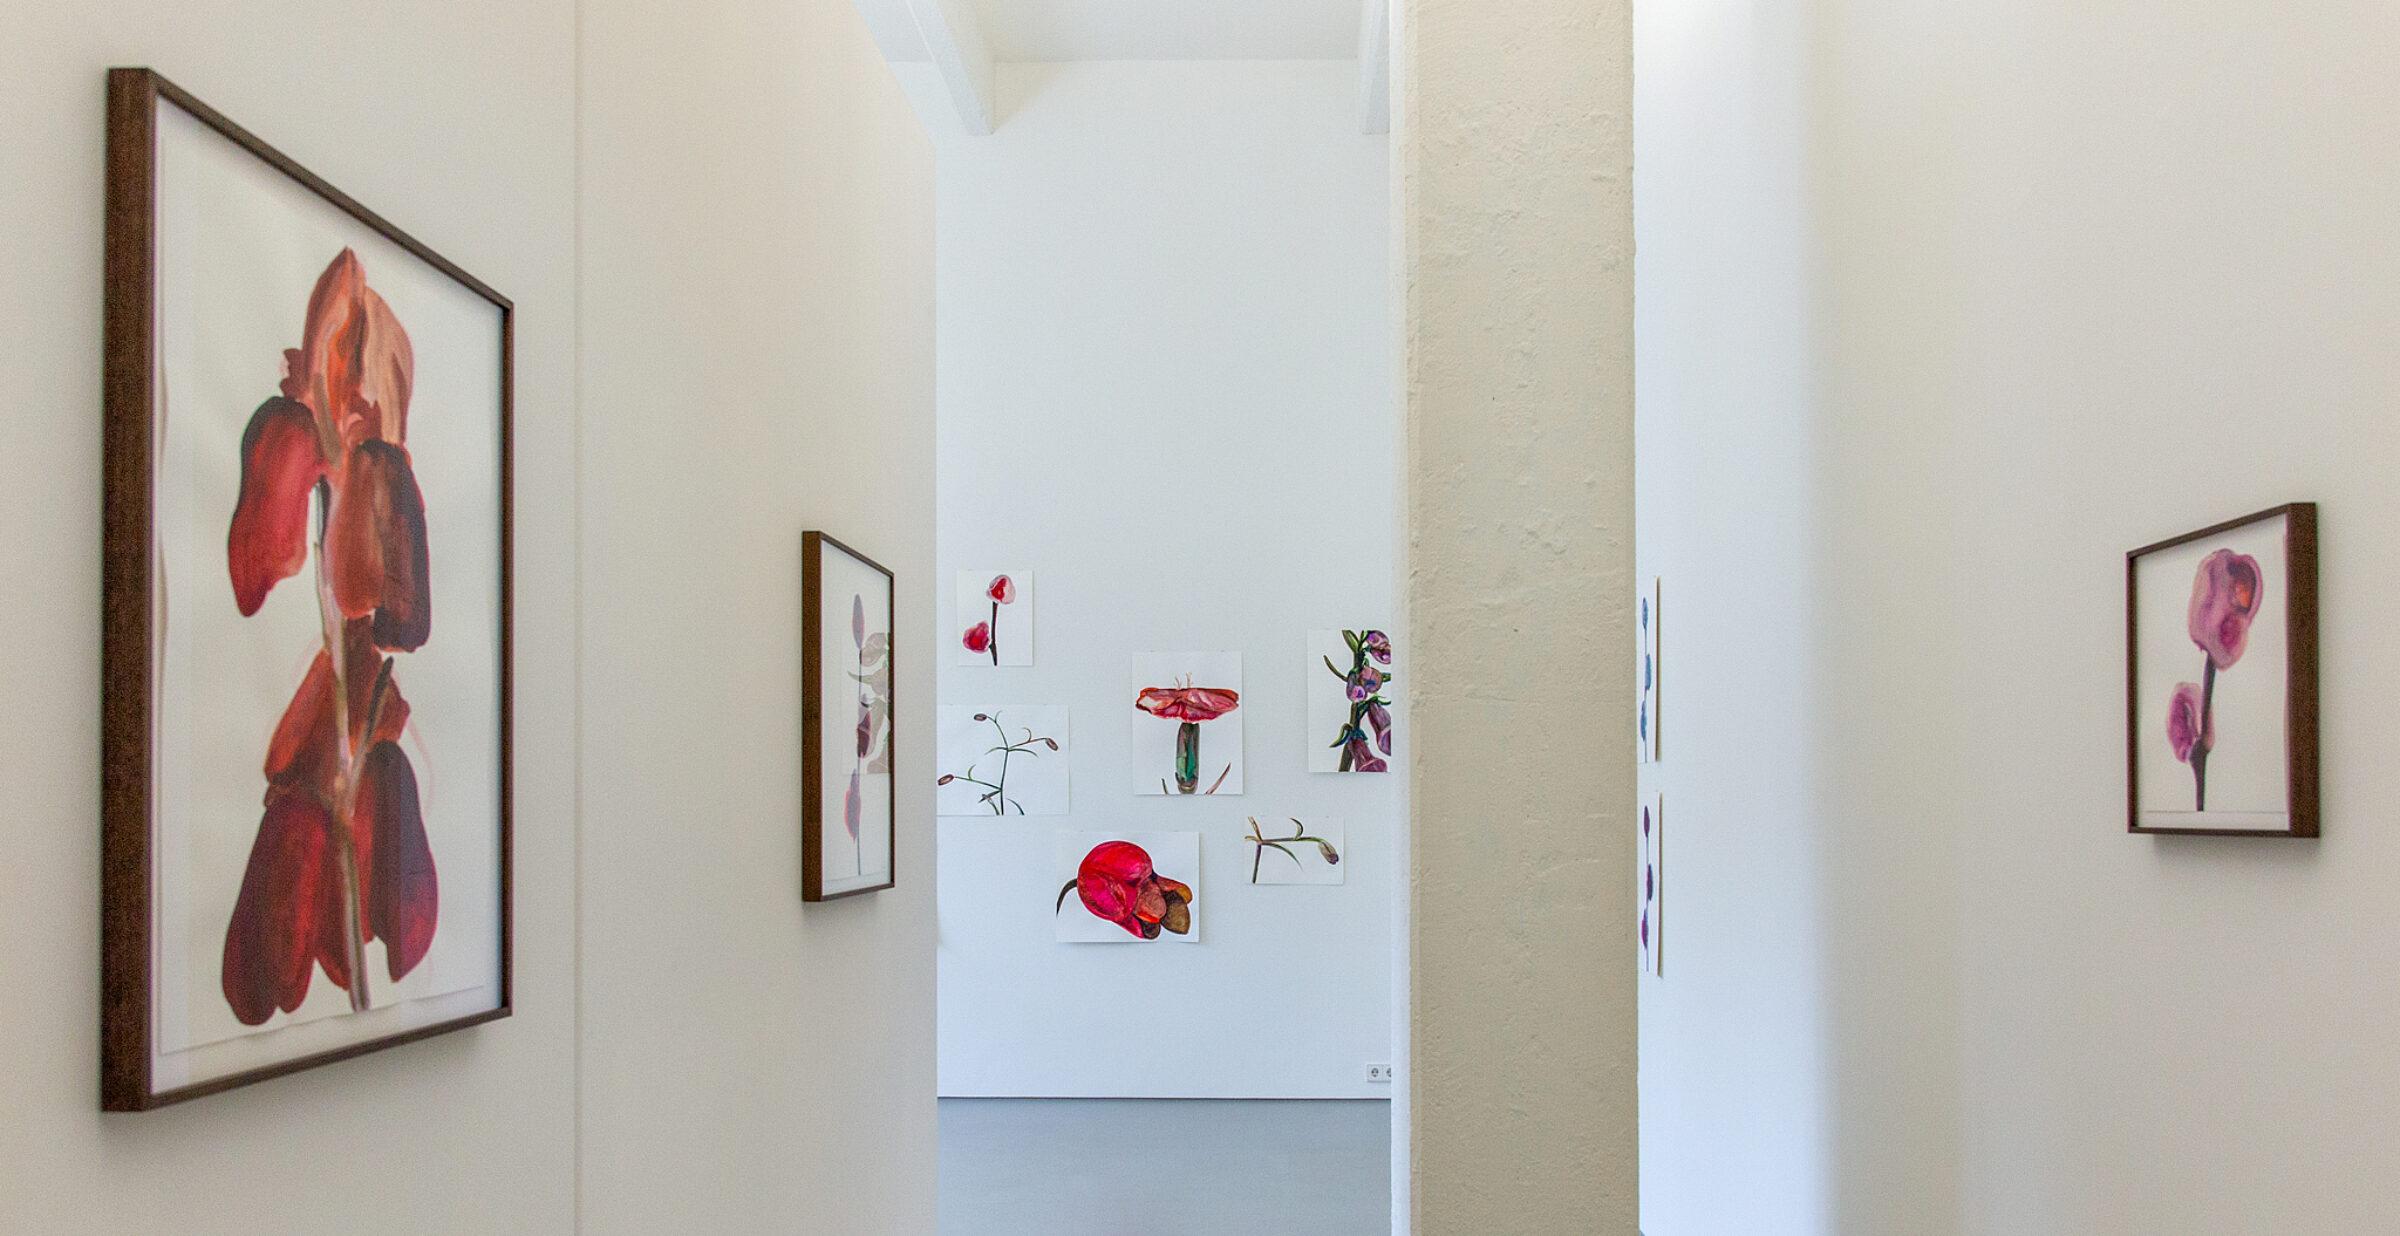 Ina_van_Zyl_-Galerie-Onrust-EX-needle_05.jpg